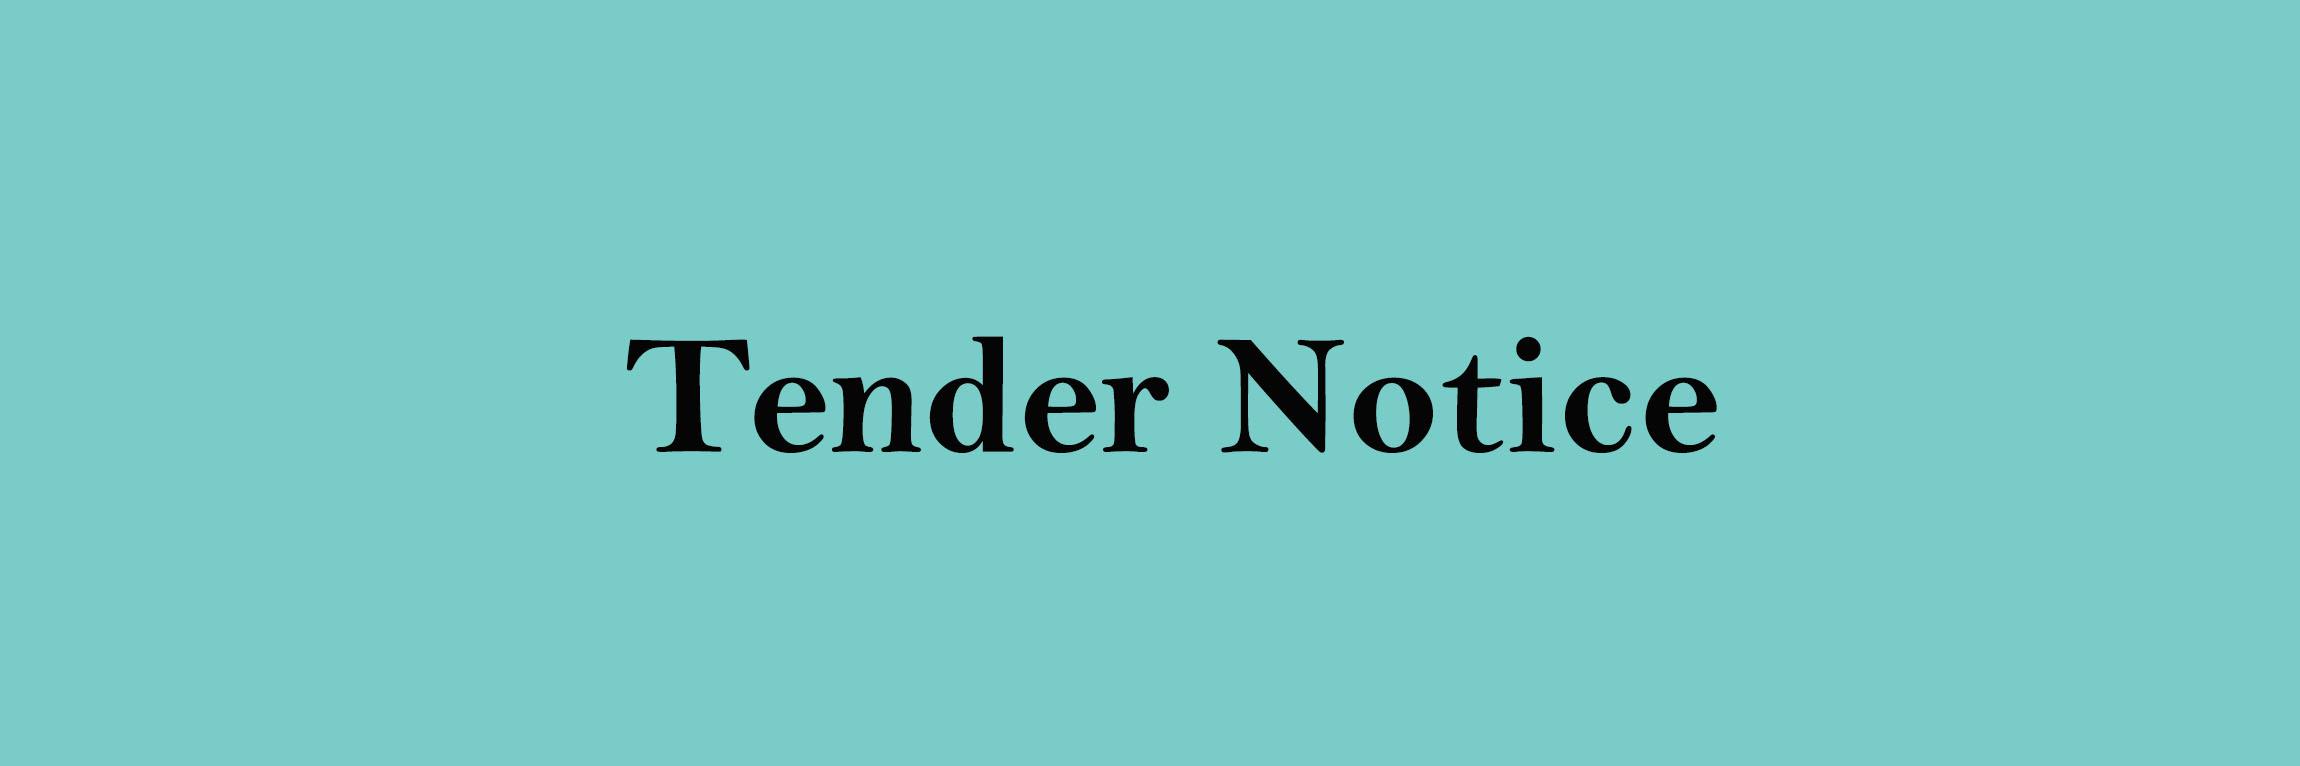 tender-N